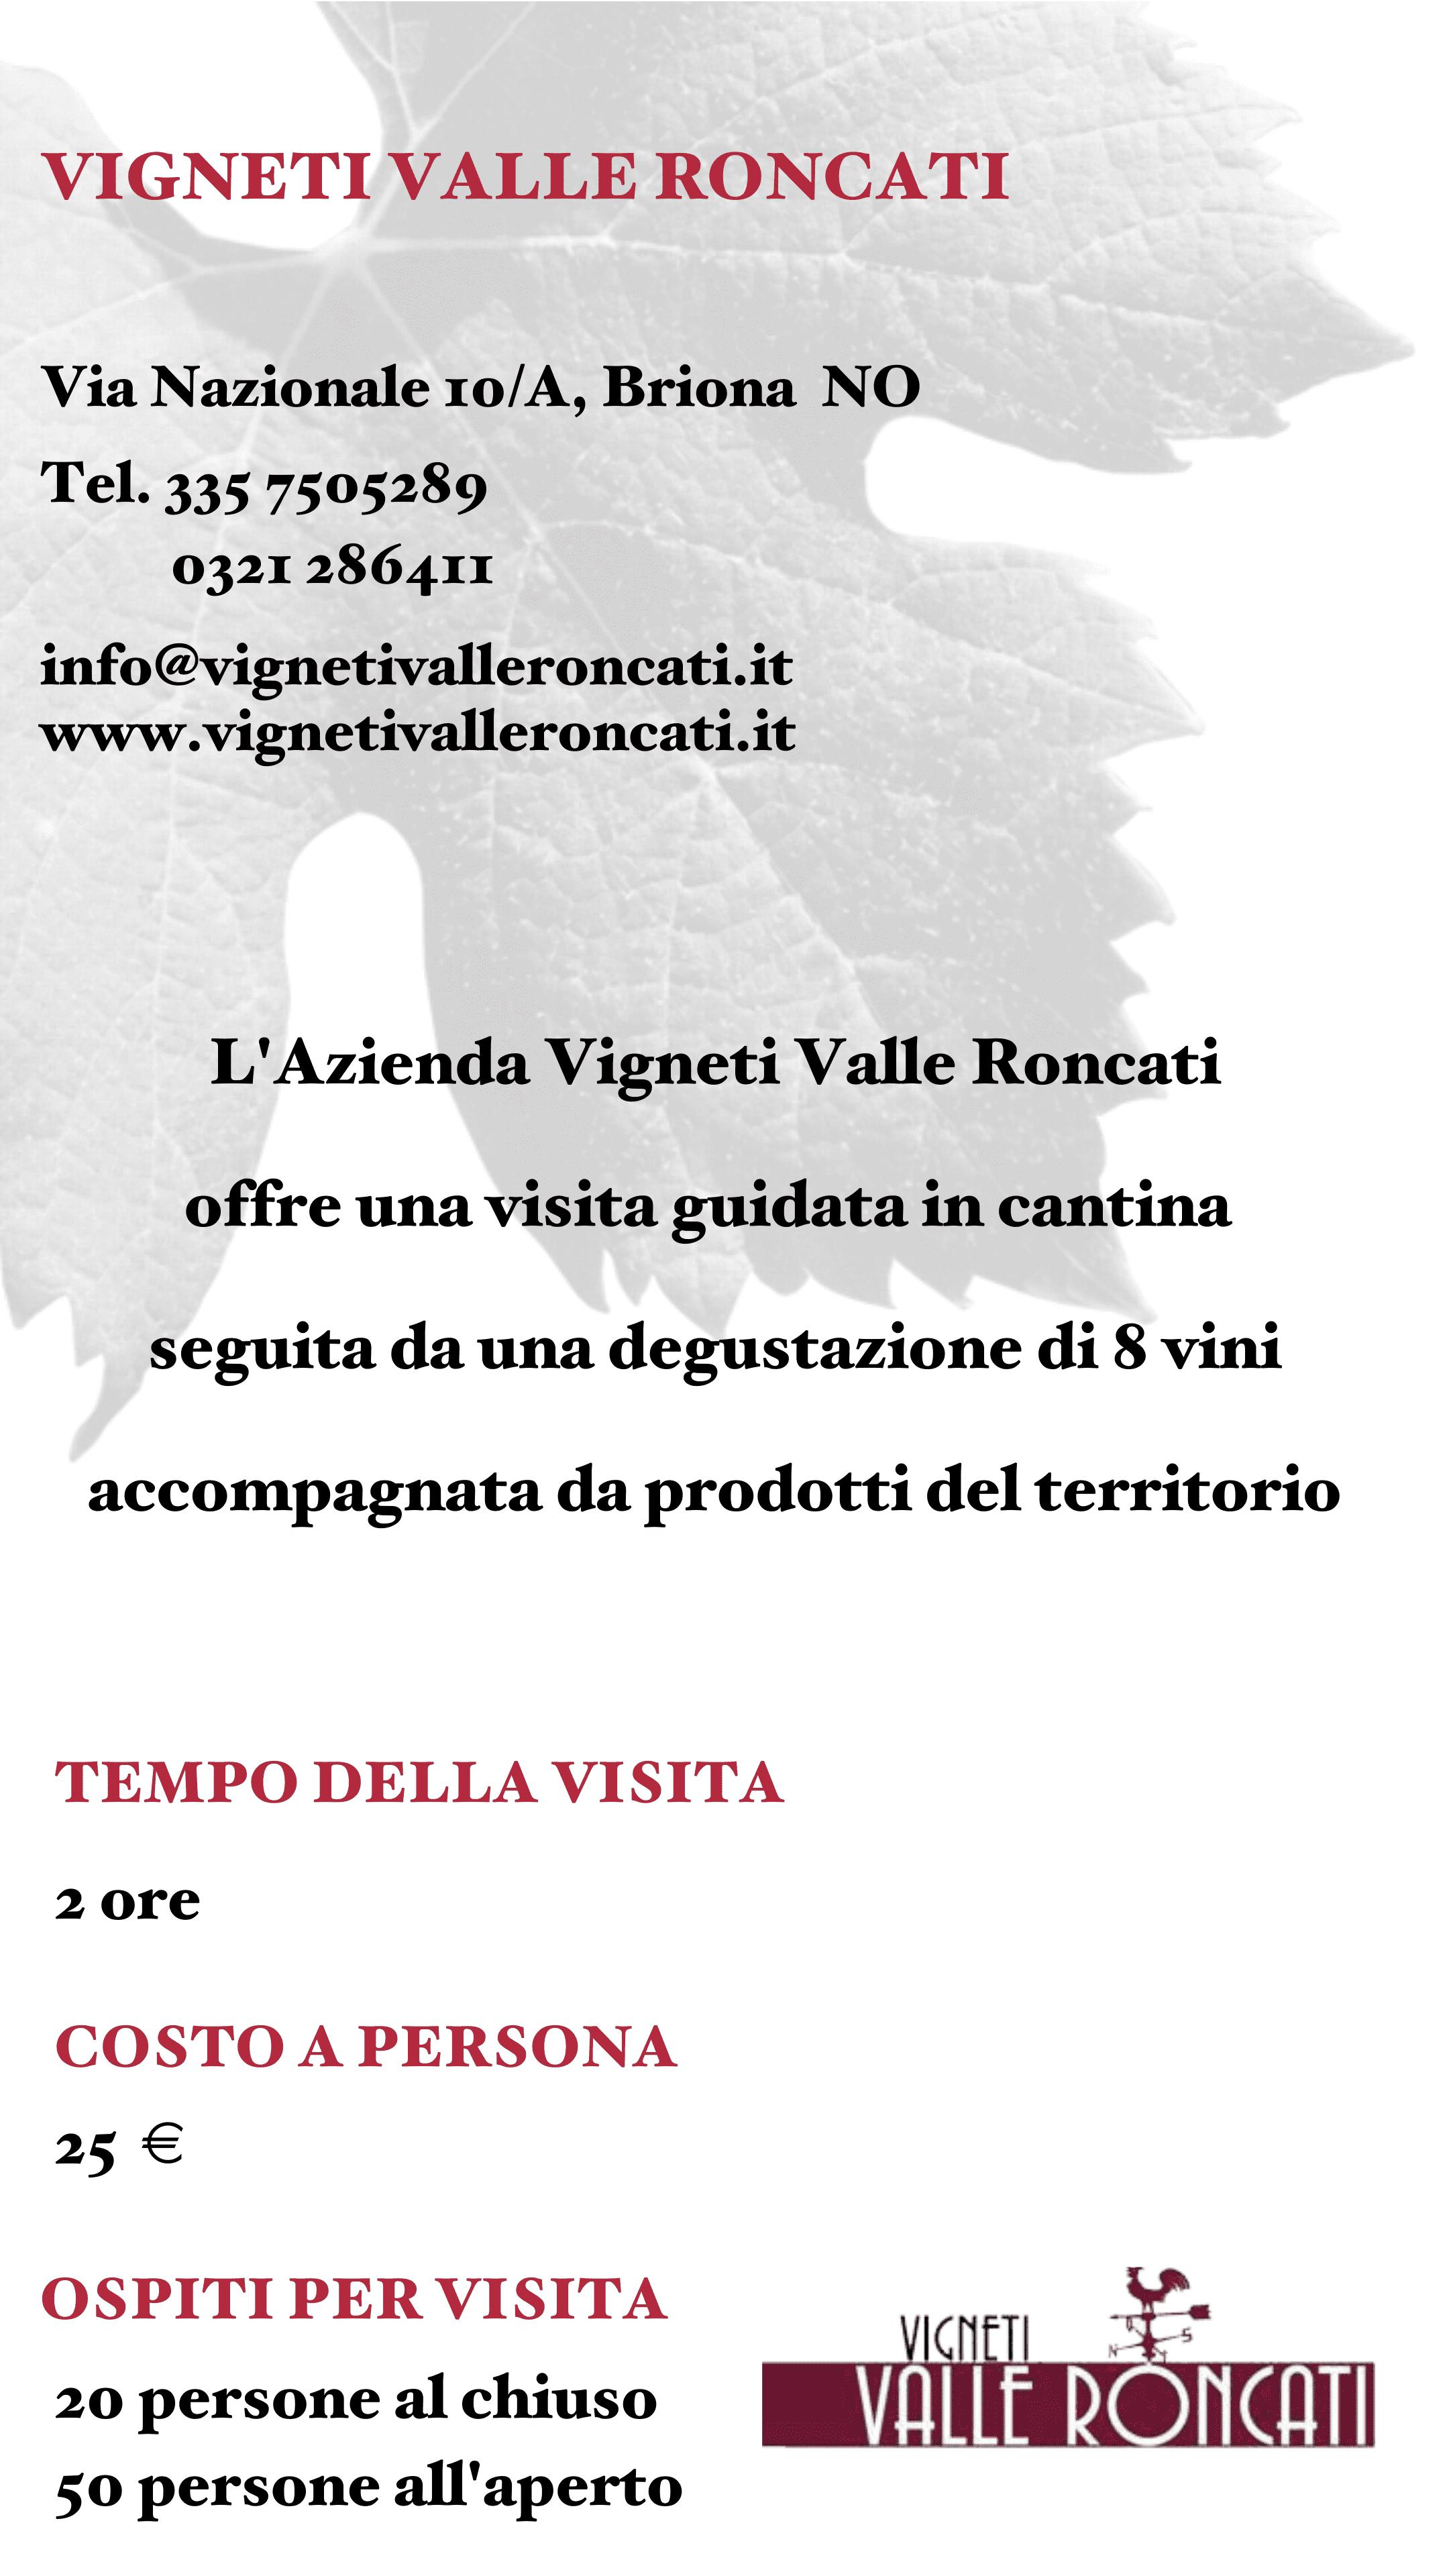 Vigneti Valle Roncati